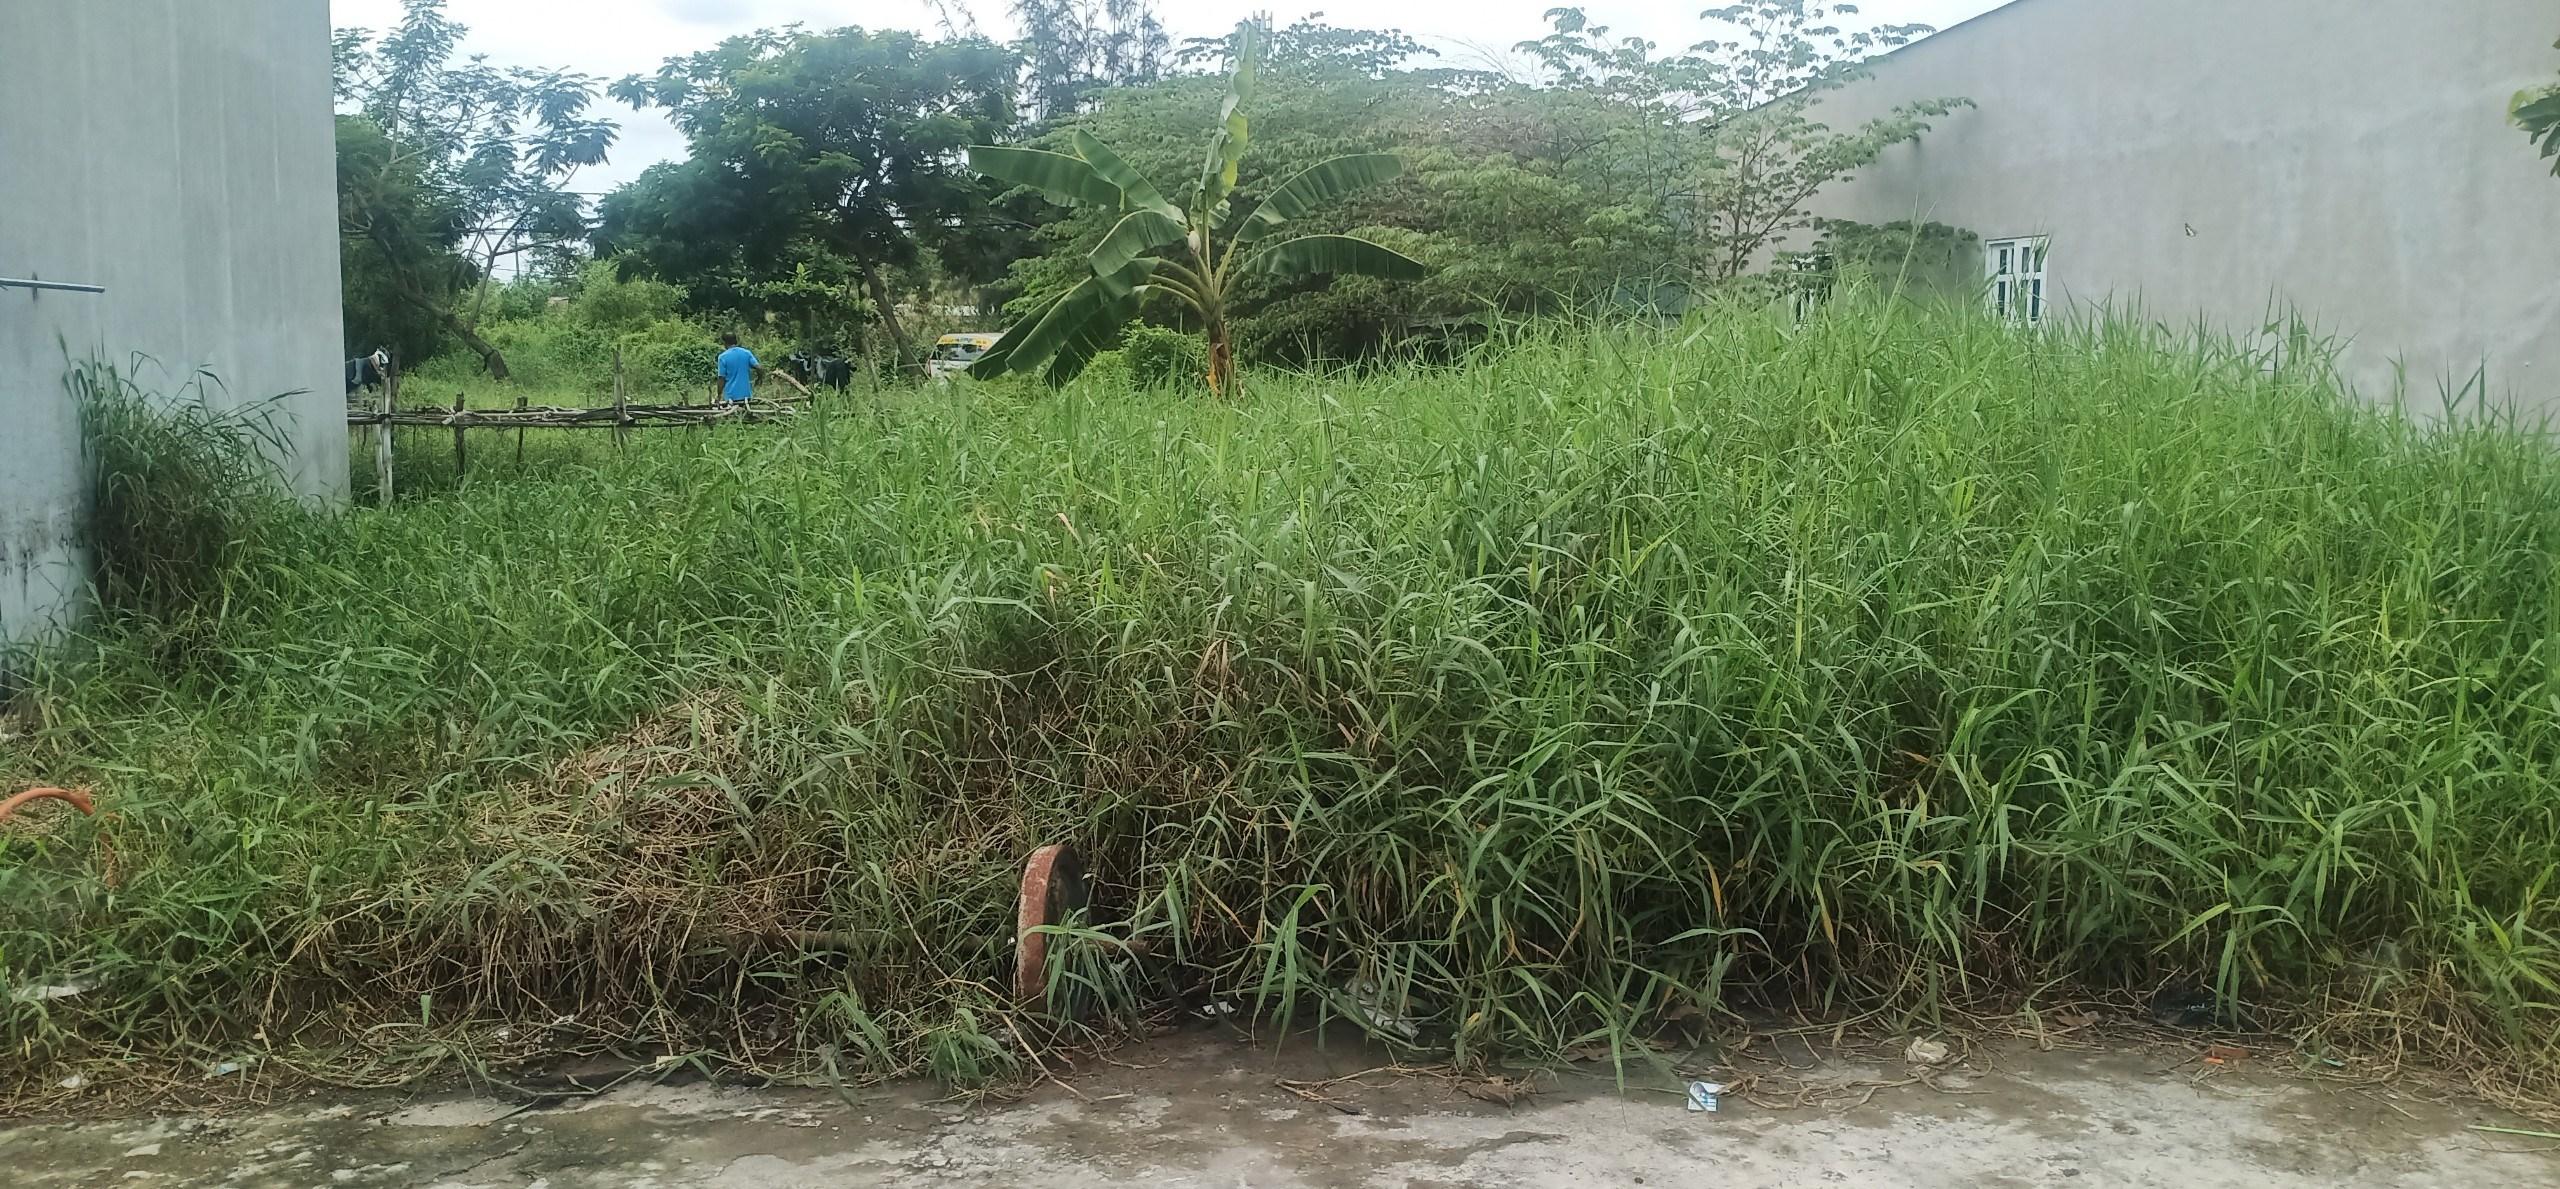 Bán đất Đường Nguyễn Văn Tạo, Phường Hiệp Phước, Huyện Nhà Bè